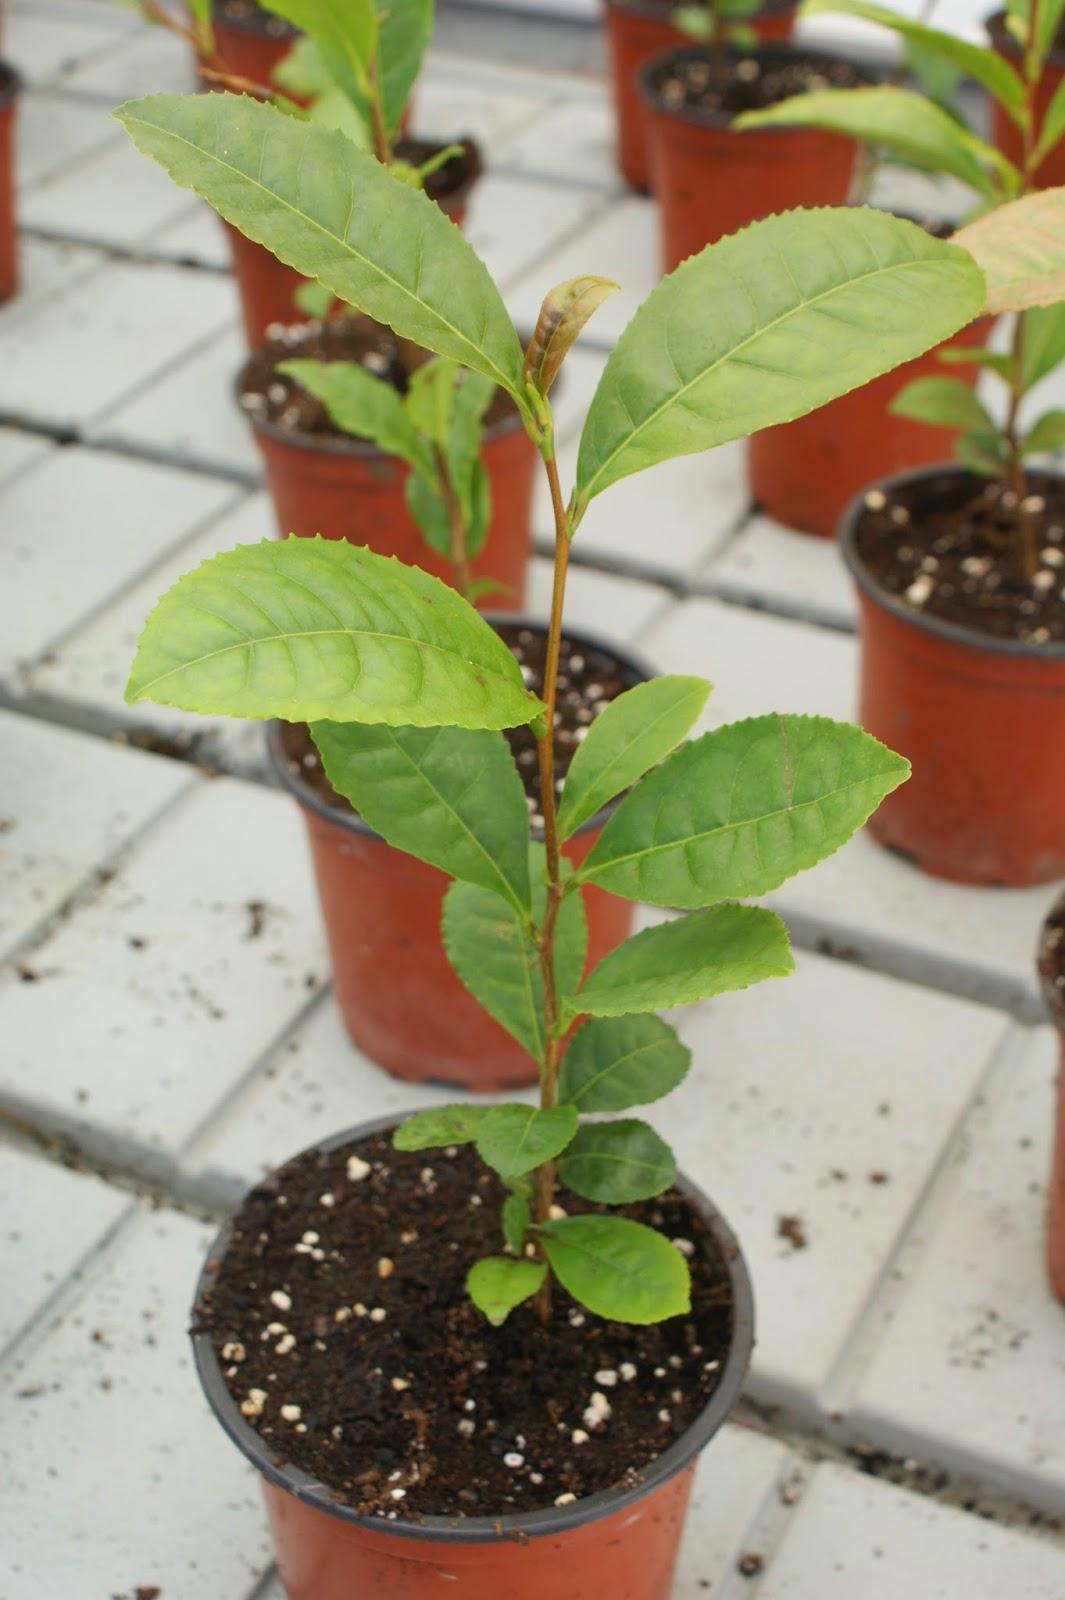 http://www.cantinhodasaromaticas.pt/loja/plantas-em-vaso-bio/cha-camellia-sinensis/